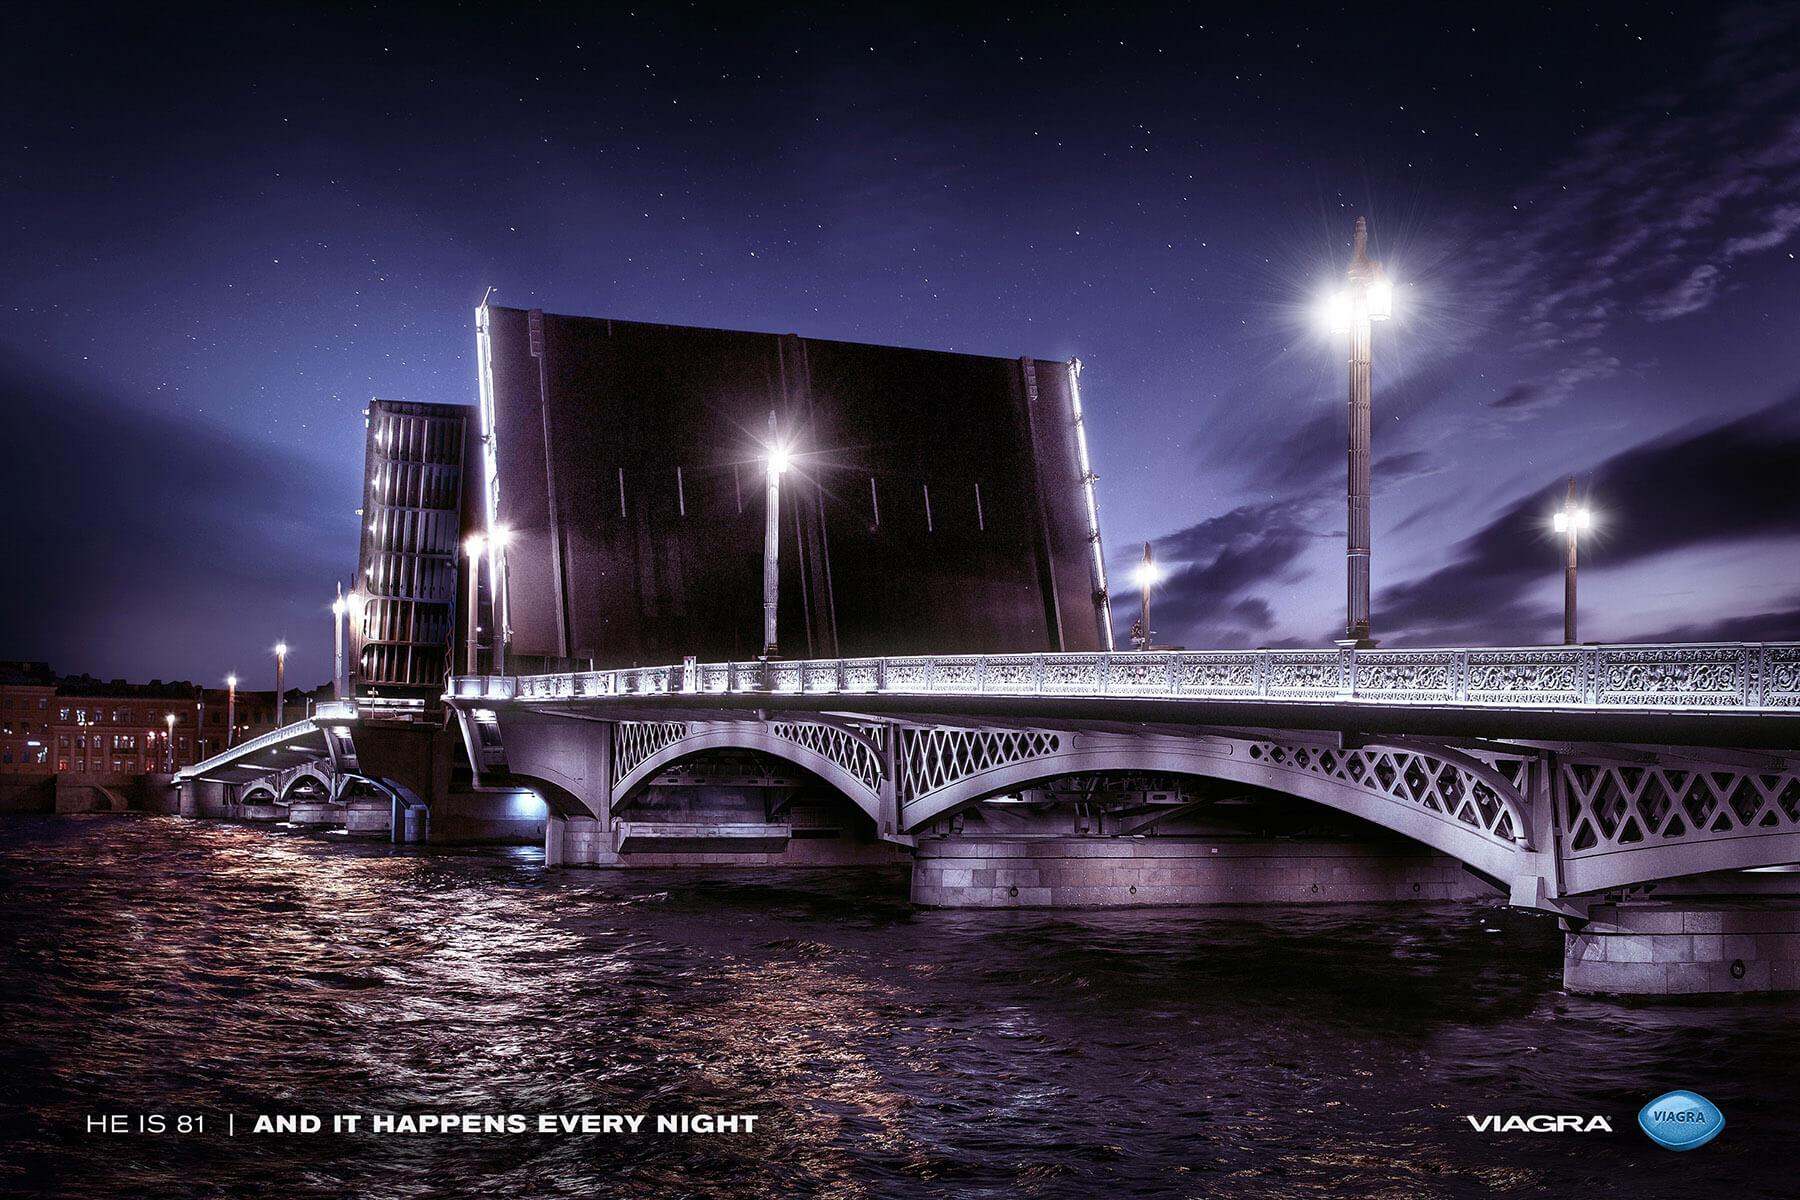 Старейший мост Санкт-Петербурга – Благовещенский – одновременно является рекордсменом по продолжительности периода «ночного подъёма», взятого за основу концепта рекламы для «Виагры»